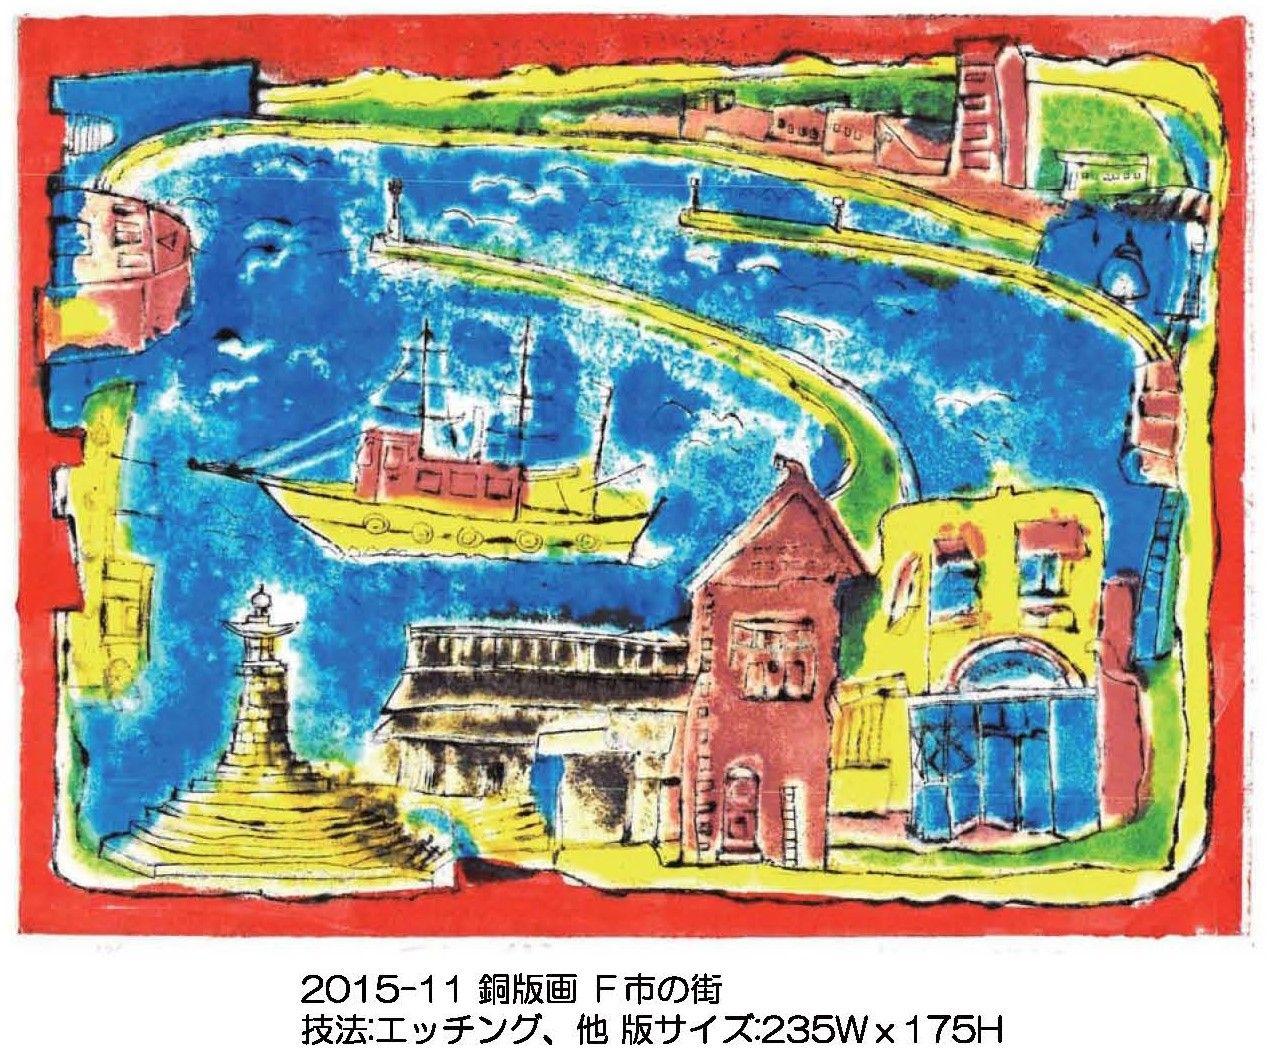 マイ・ギャラリー 2015 11 銅版画 F市の街